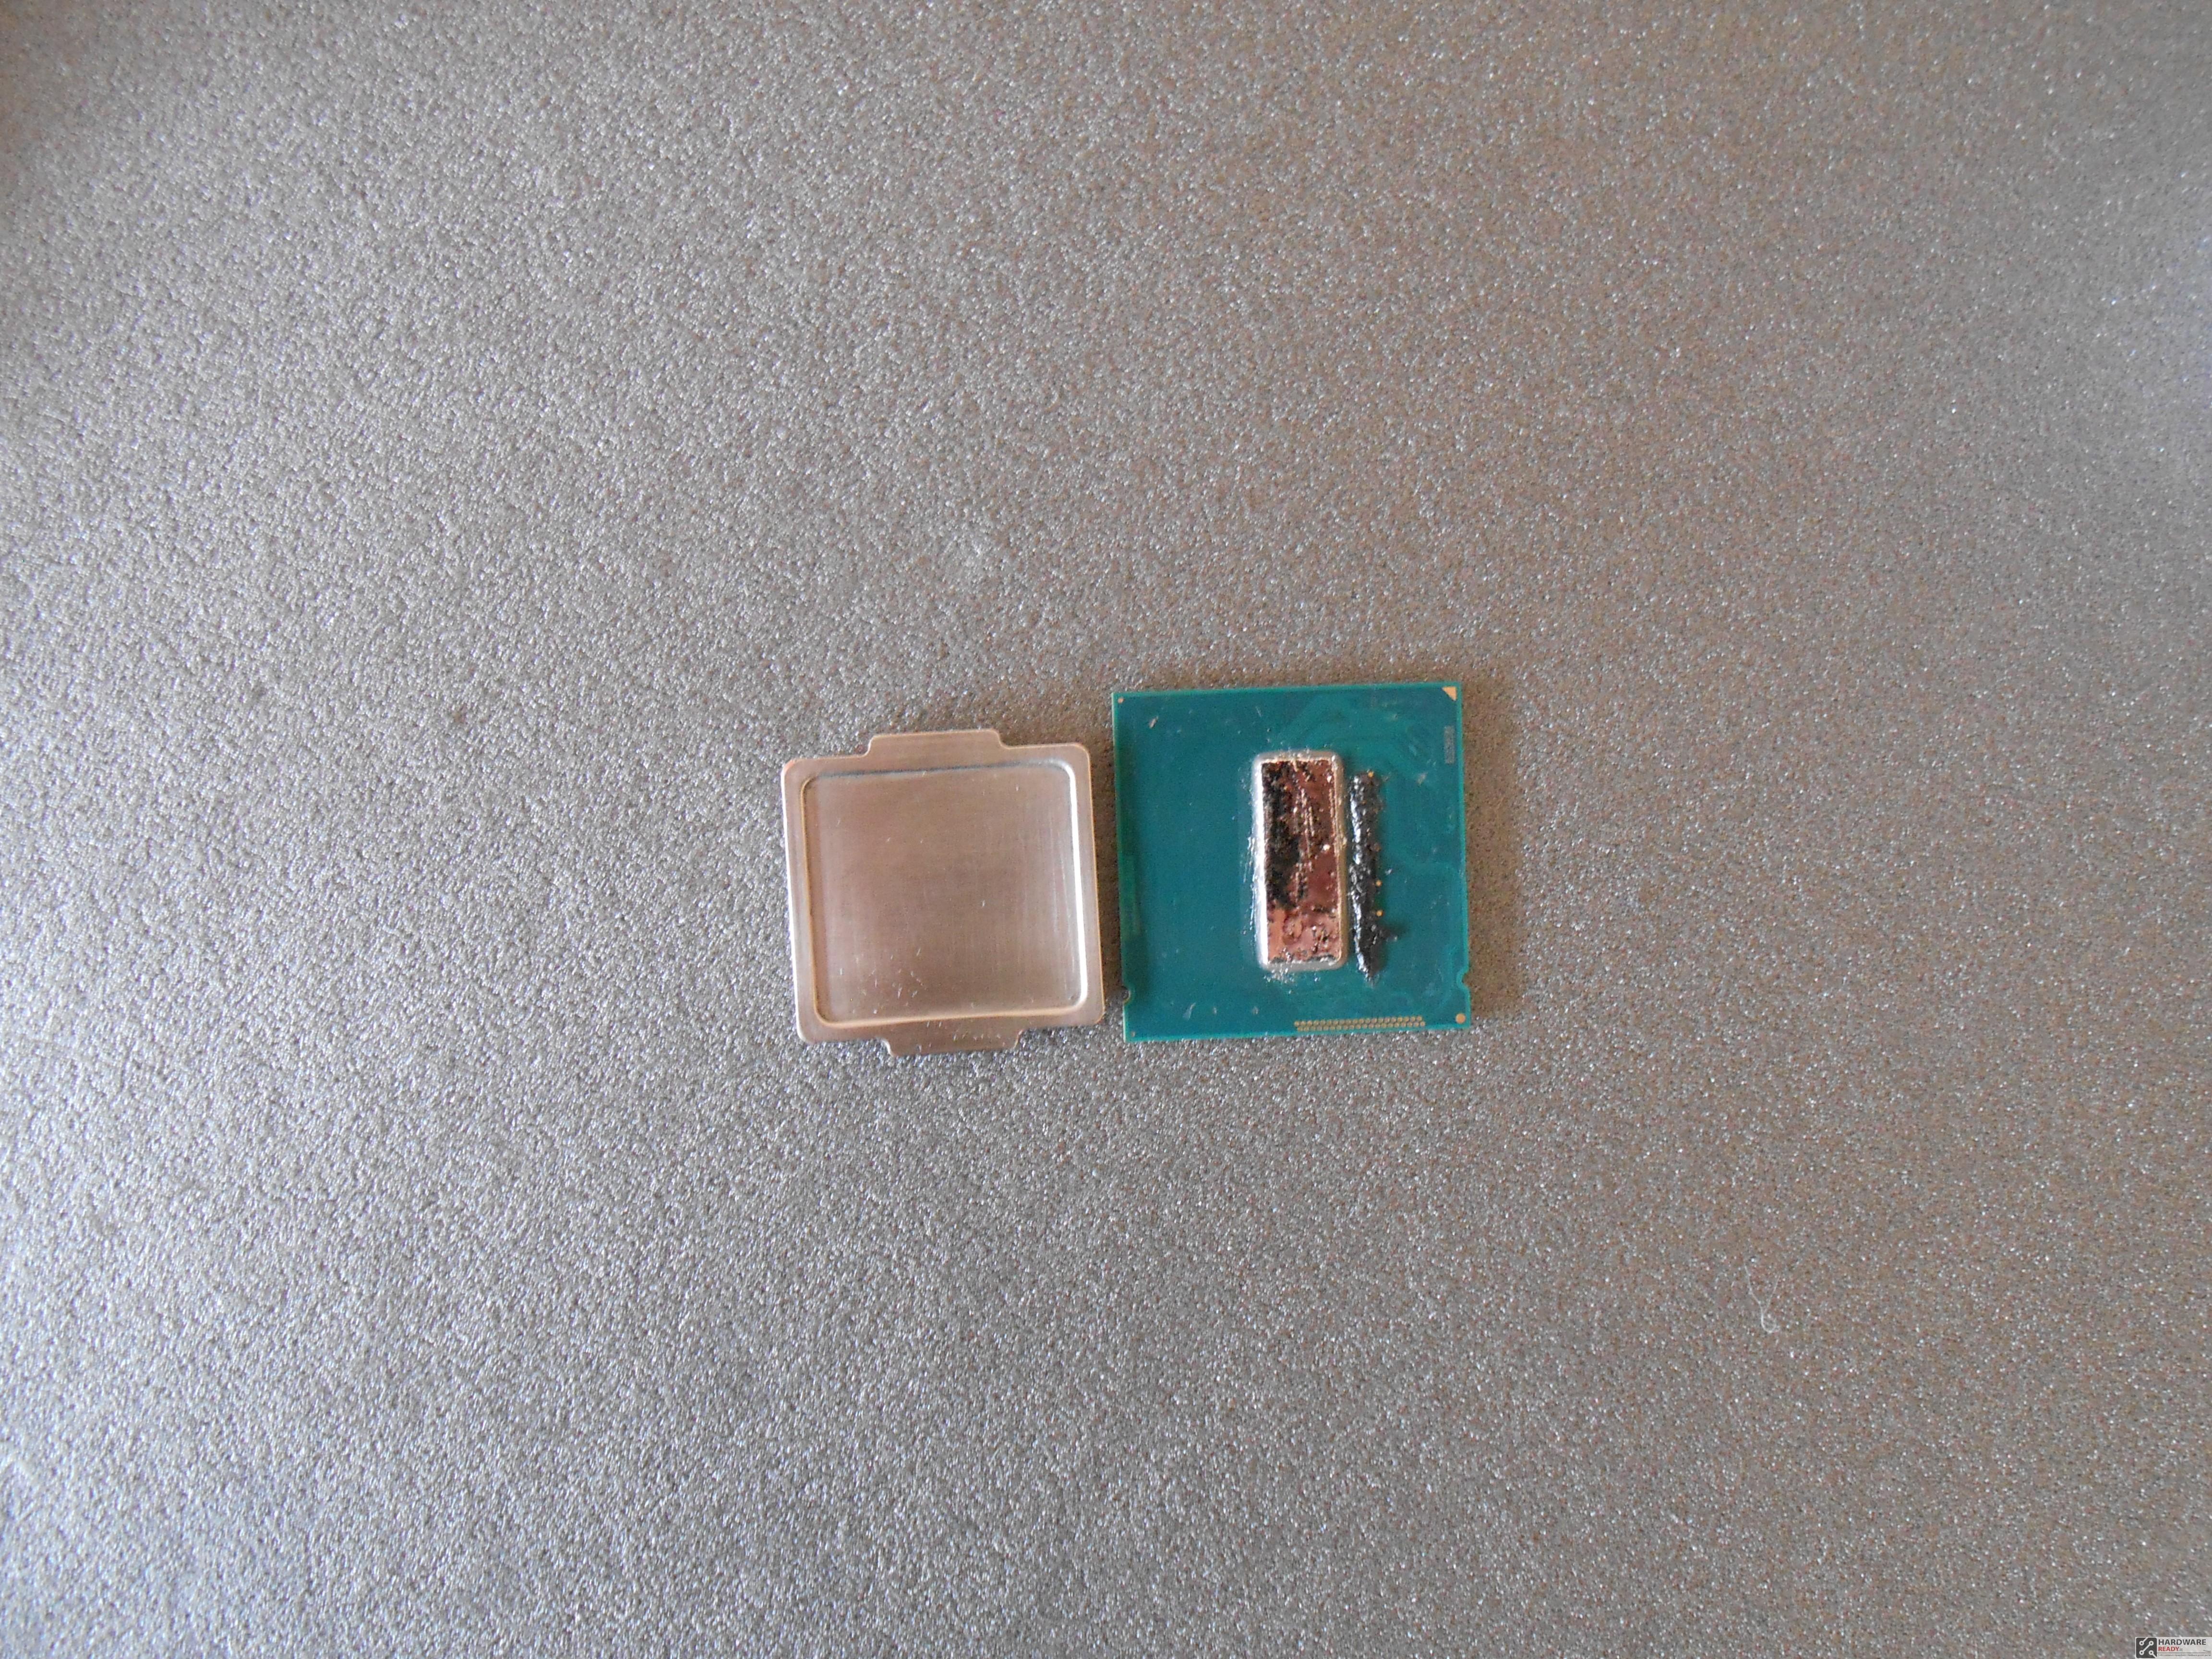 DSCN1601